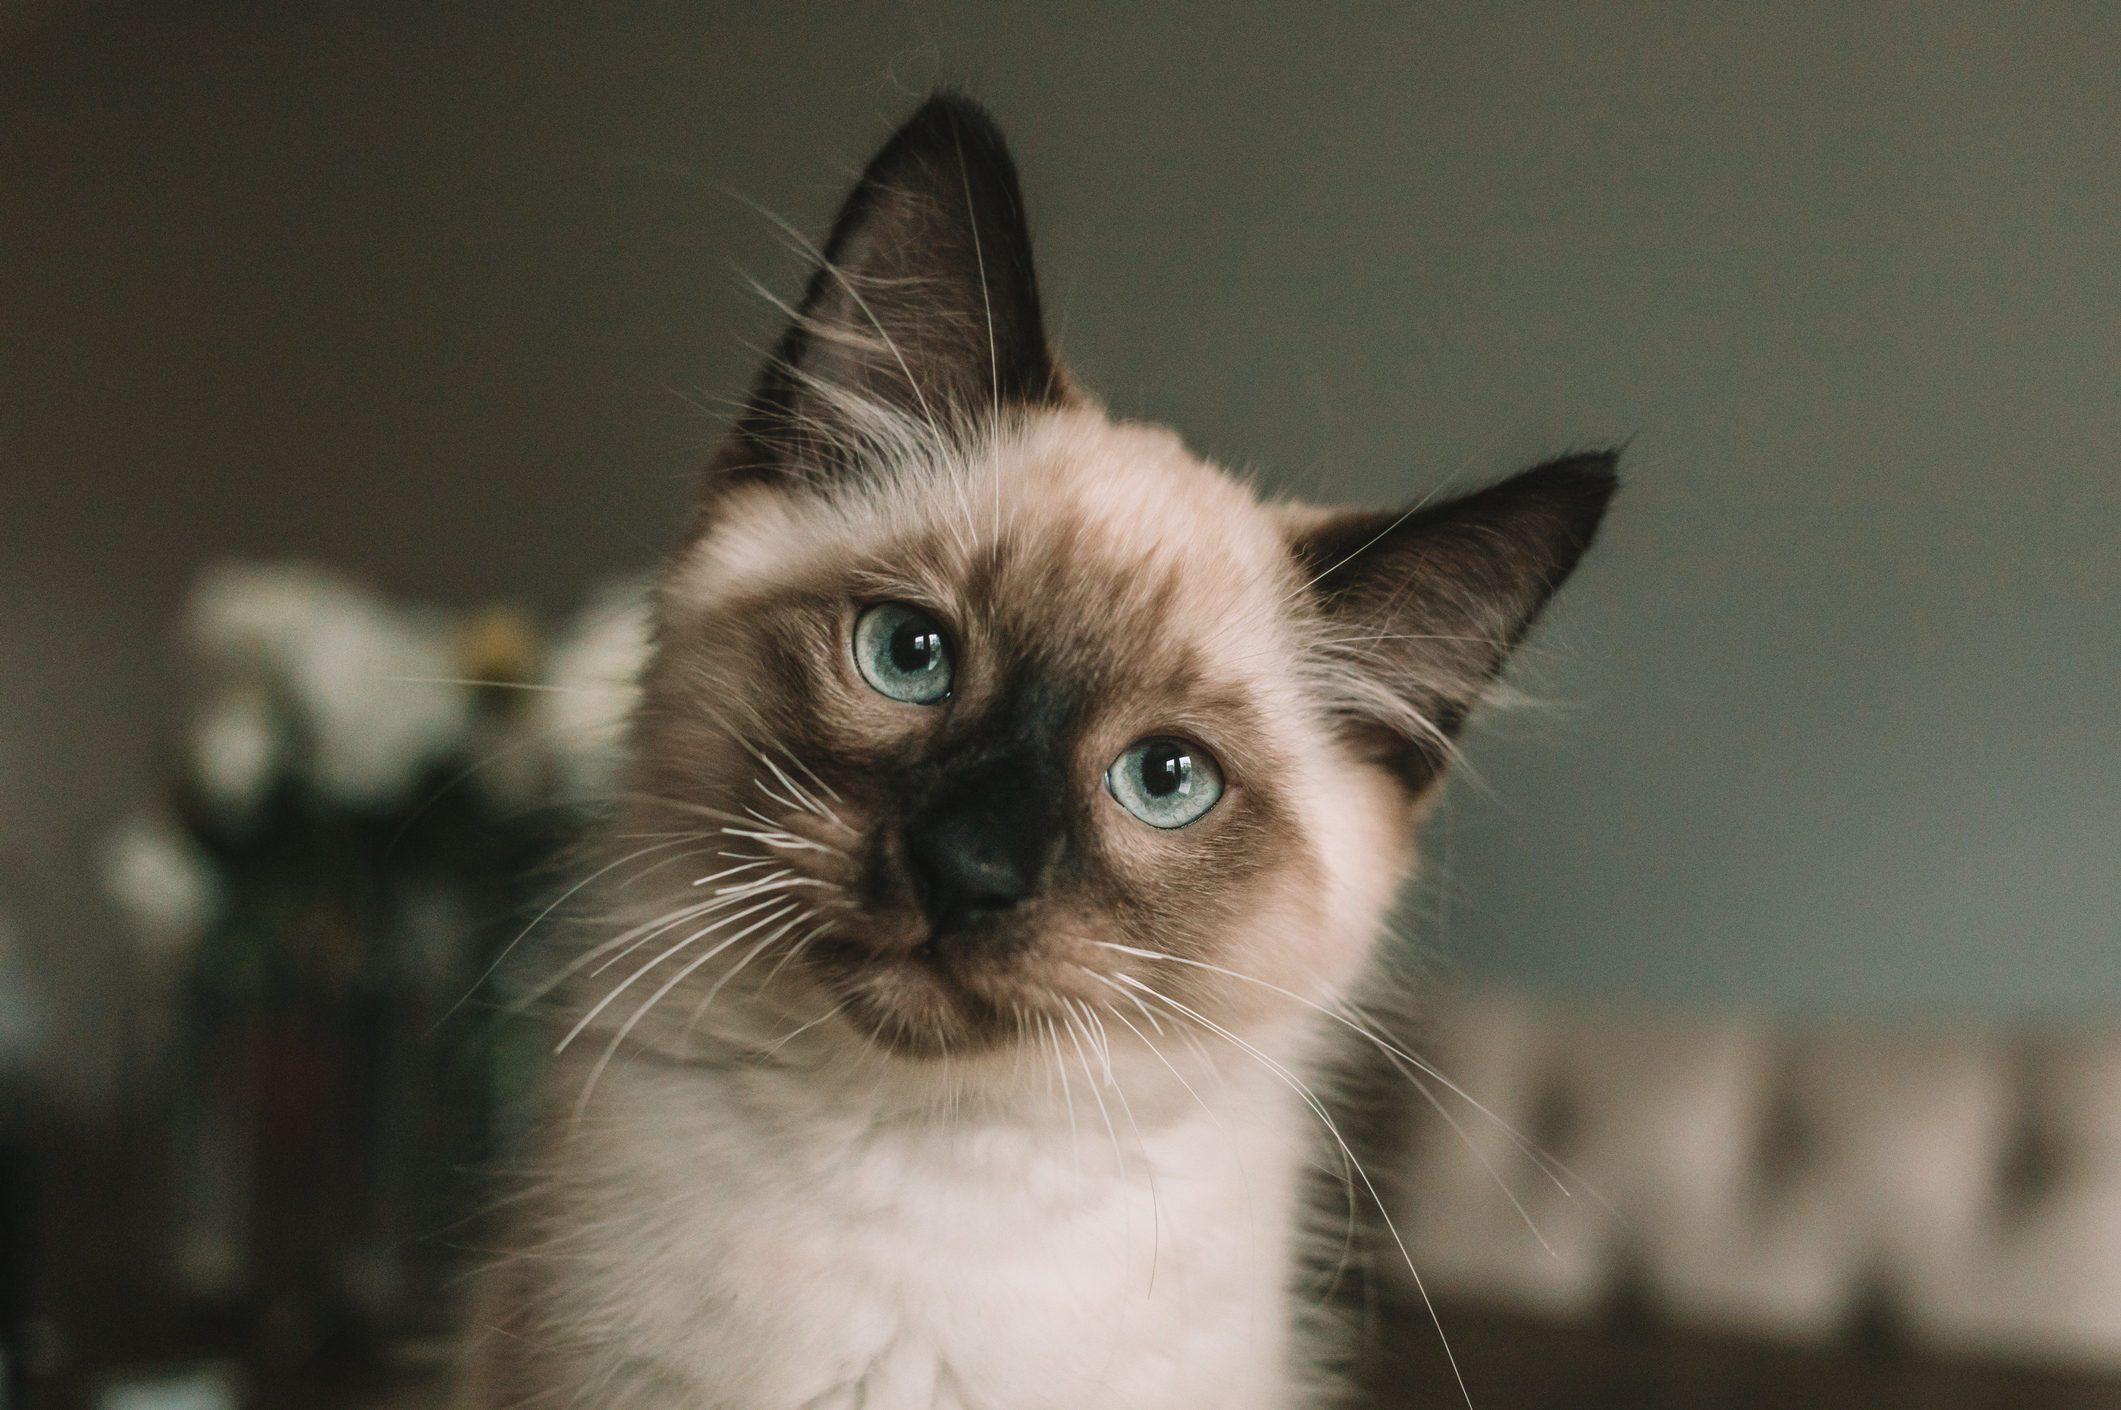 Blue eyed Siamese kitten sitting on table